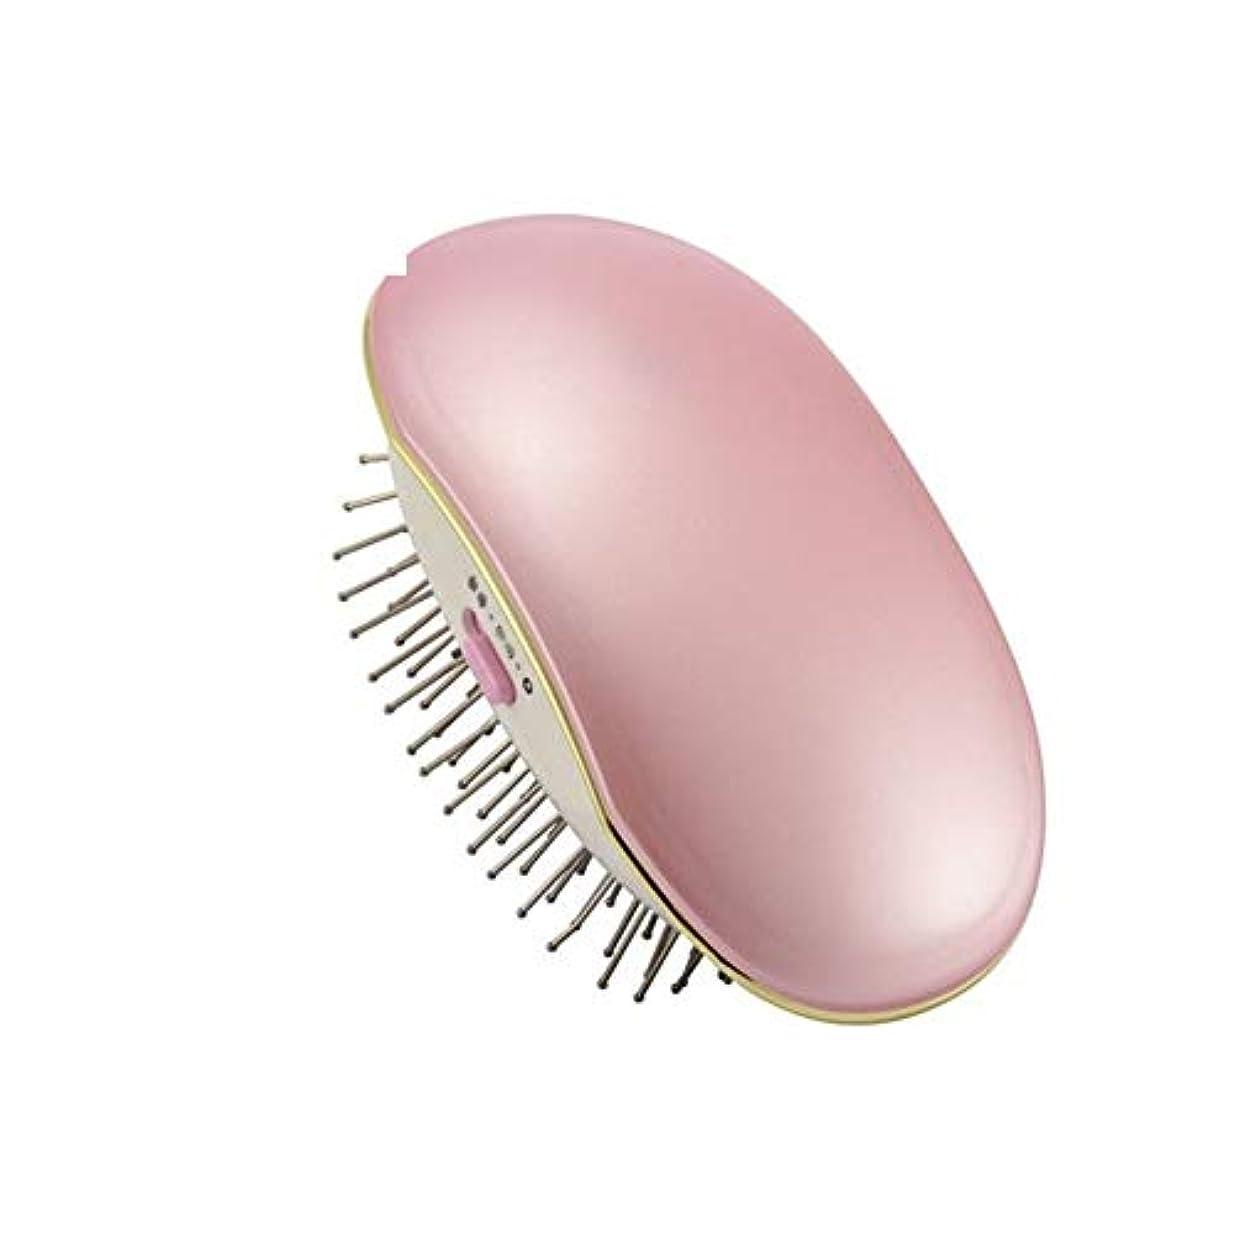 コントラスト論理的に原油Lizhenhua ポータブル電気イオンブラシ櫛イオン完璧な矯正スタイラーアイロンブラシケア矯正電気アイロンブラシ (Color : Pink)